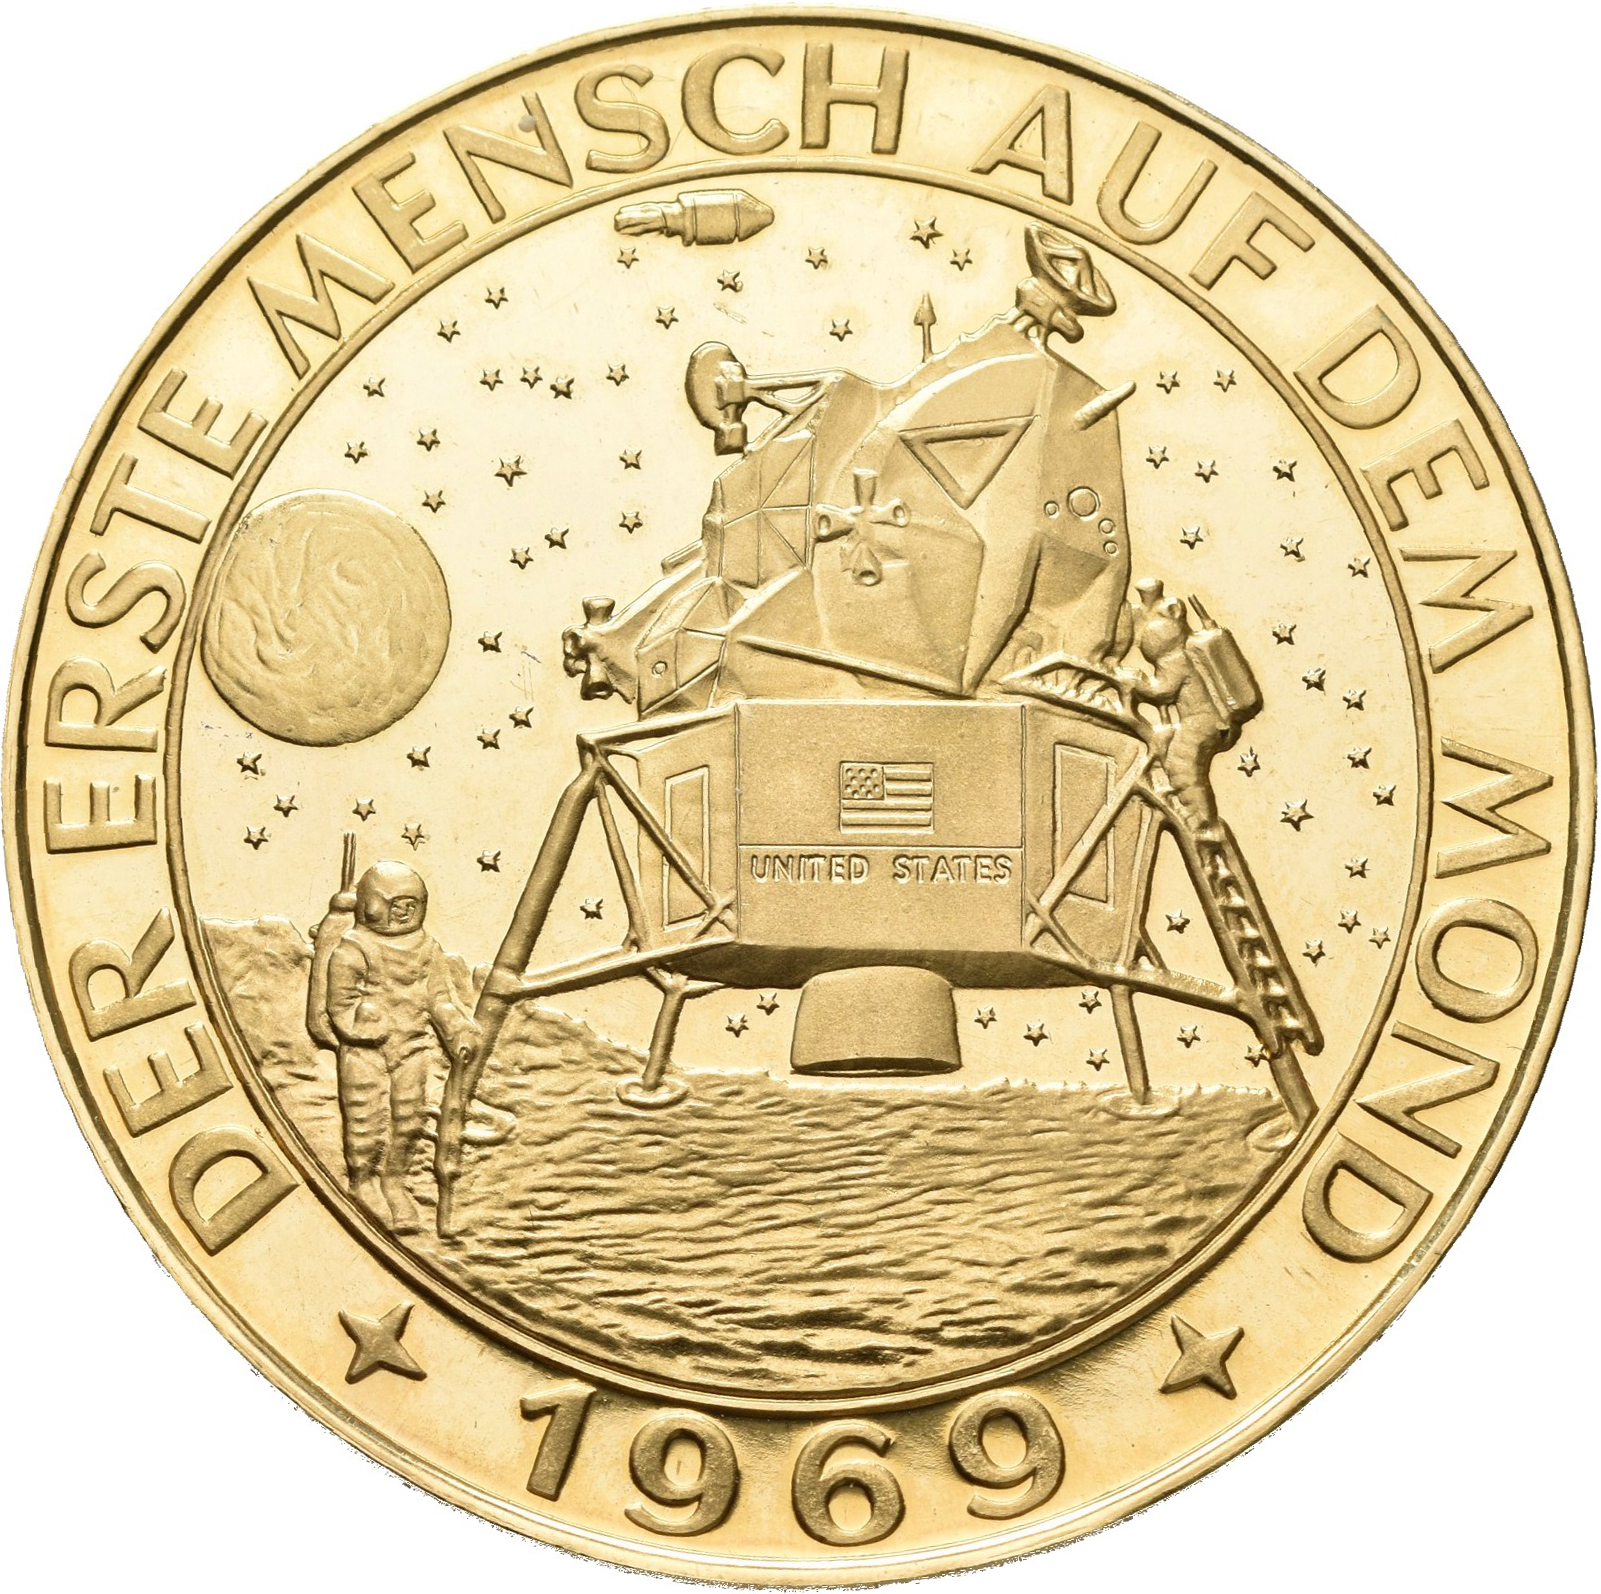 Lot 02388 - Medaillen Deutschland | Münzen  -  Auktionshaus Christoph Gärtner GmbH & Co. KG Sale #48 The Coins & The Picture Post Cards